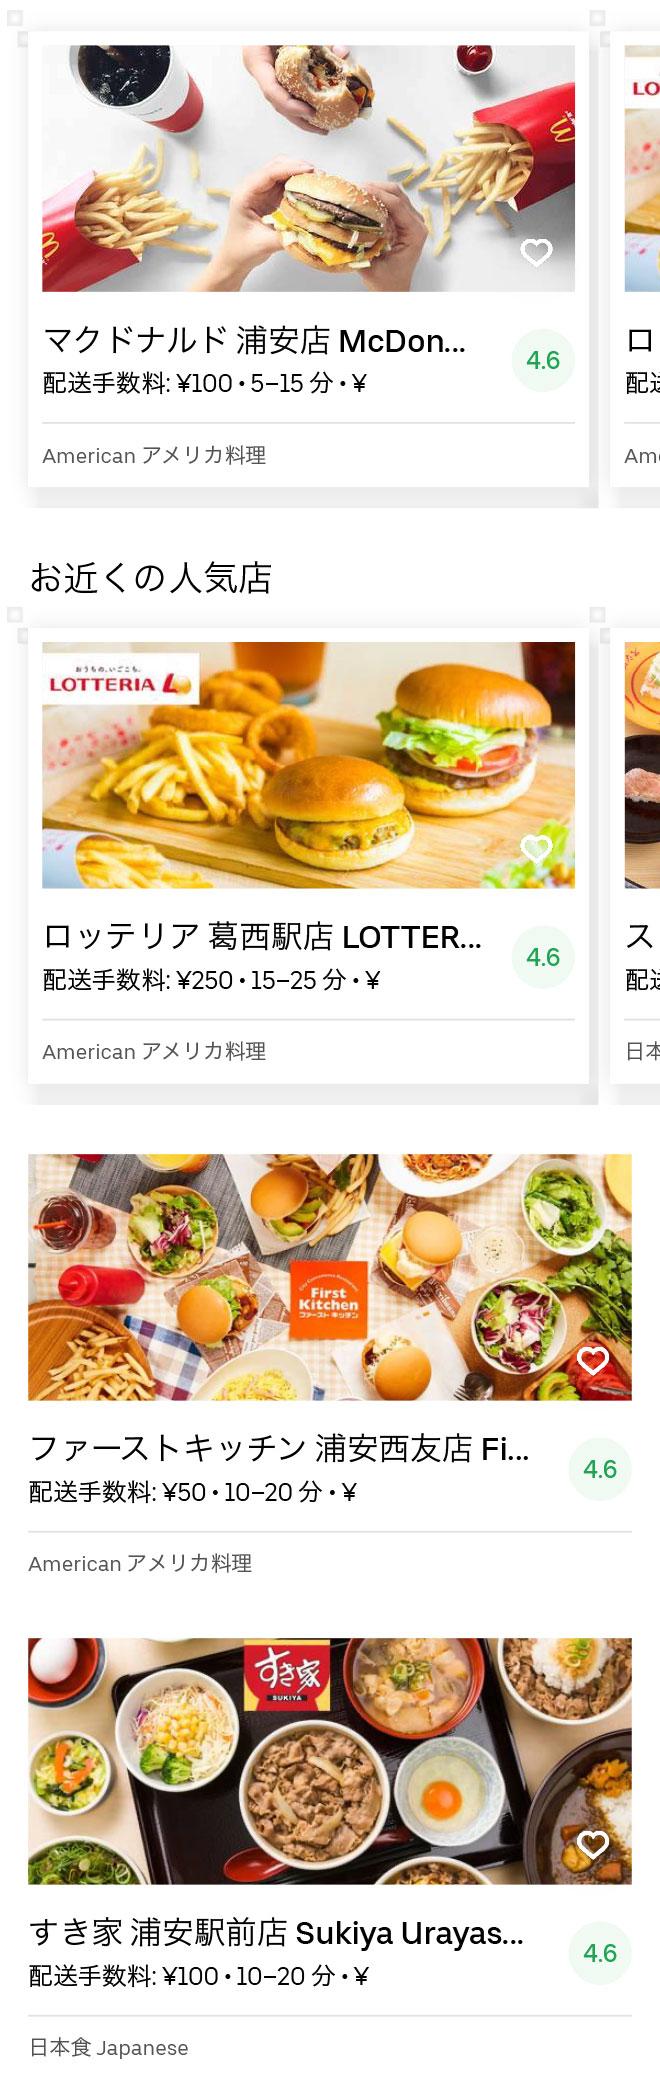 Urayasu menu 2004 01